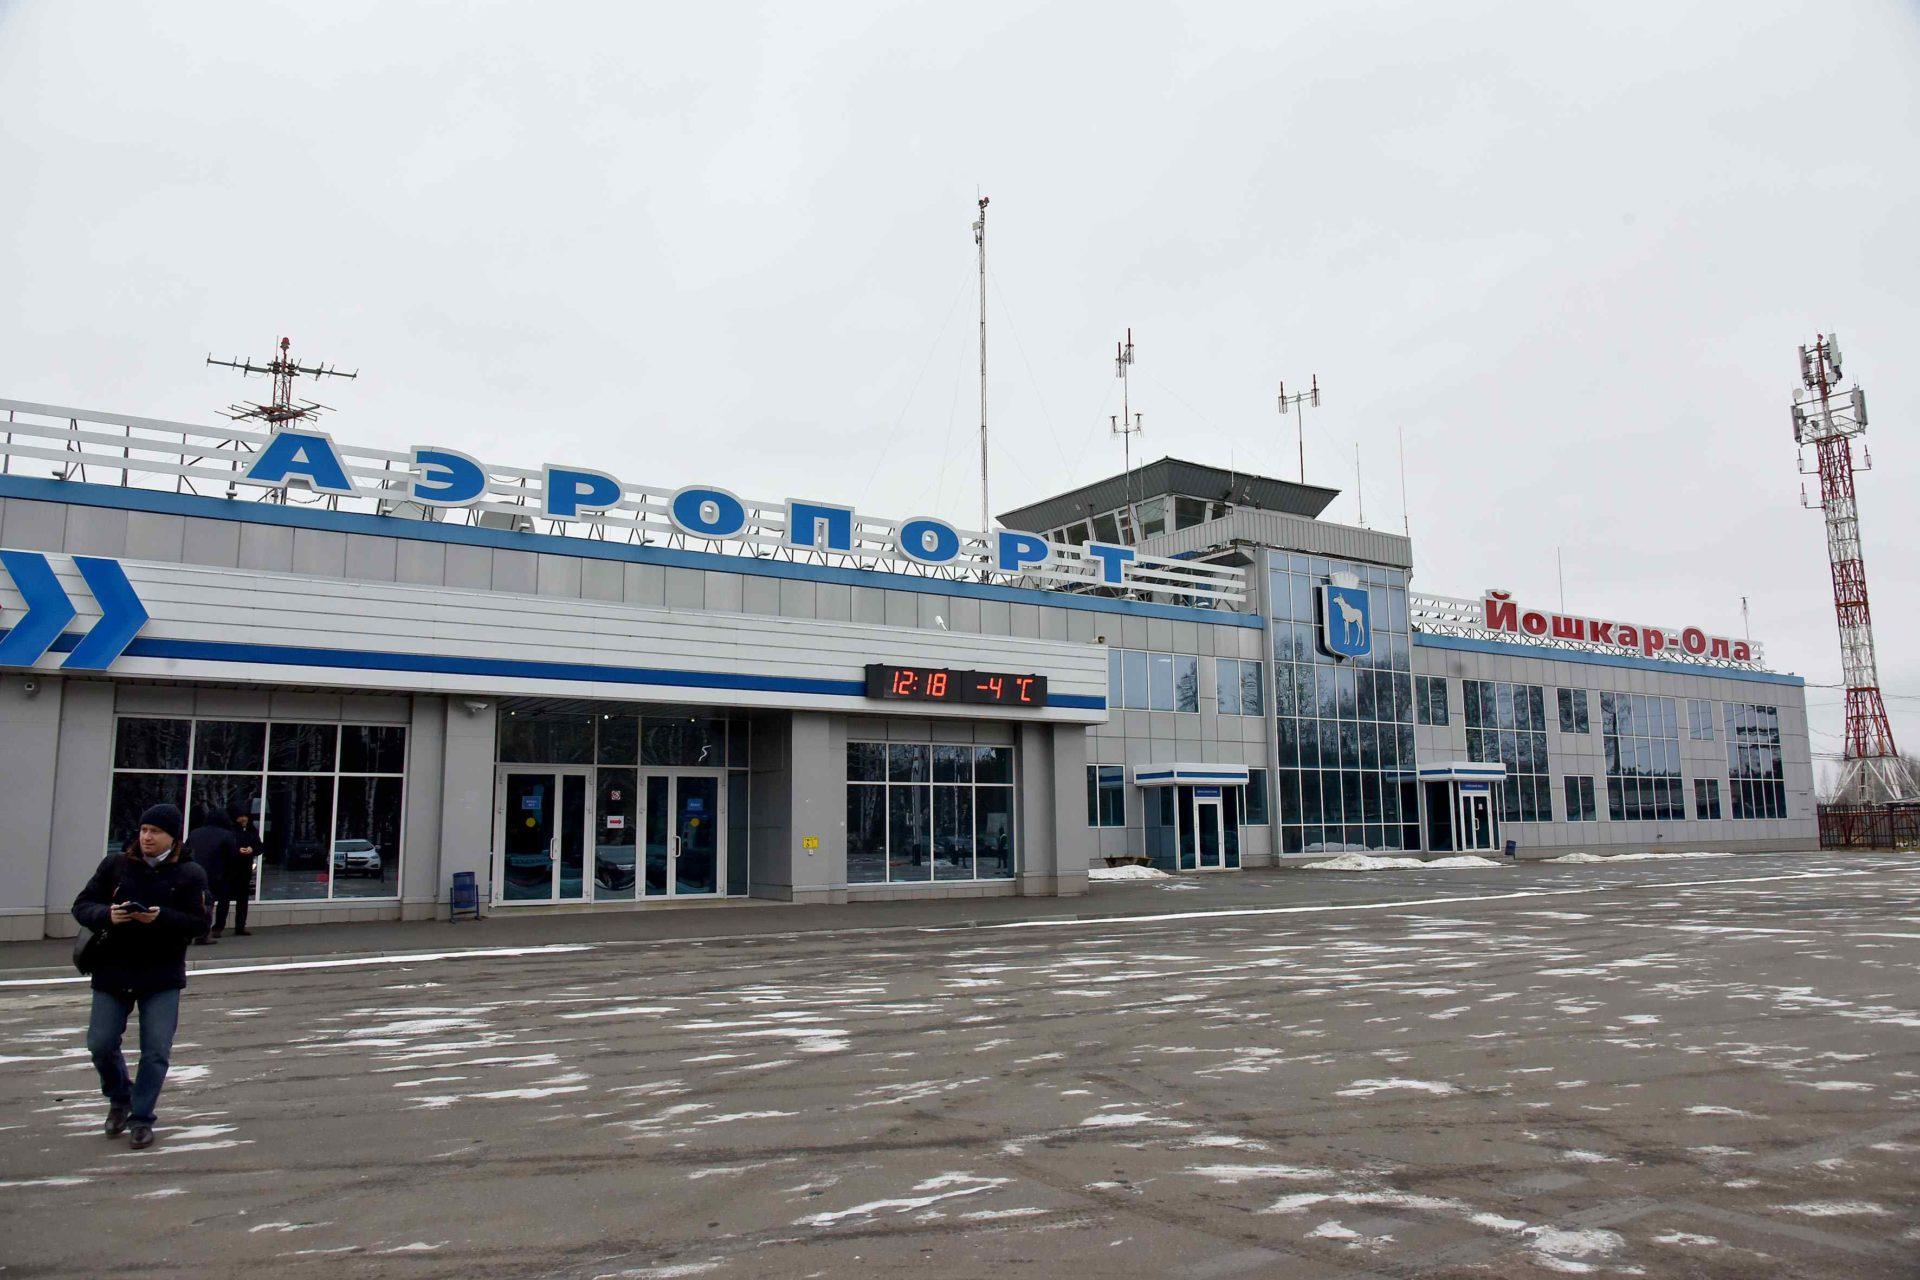 В Марий Эл предлагают выбрать имя для аэропорта Йошкар-Олы